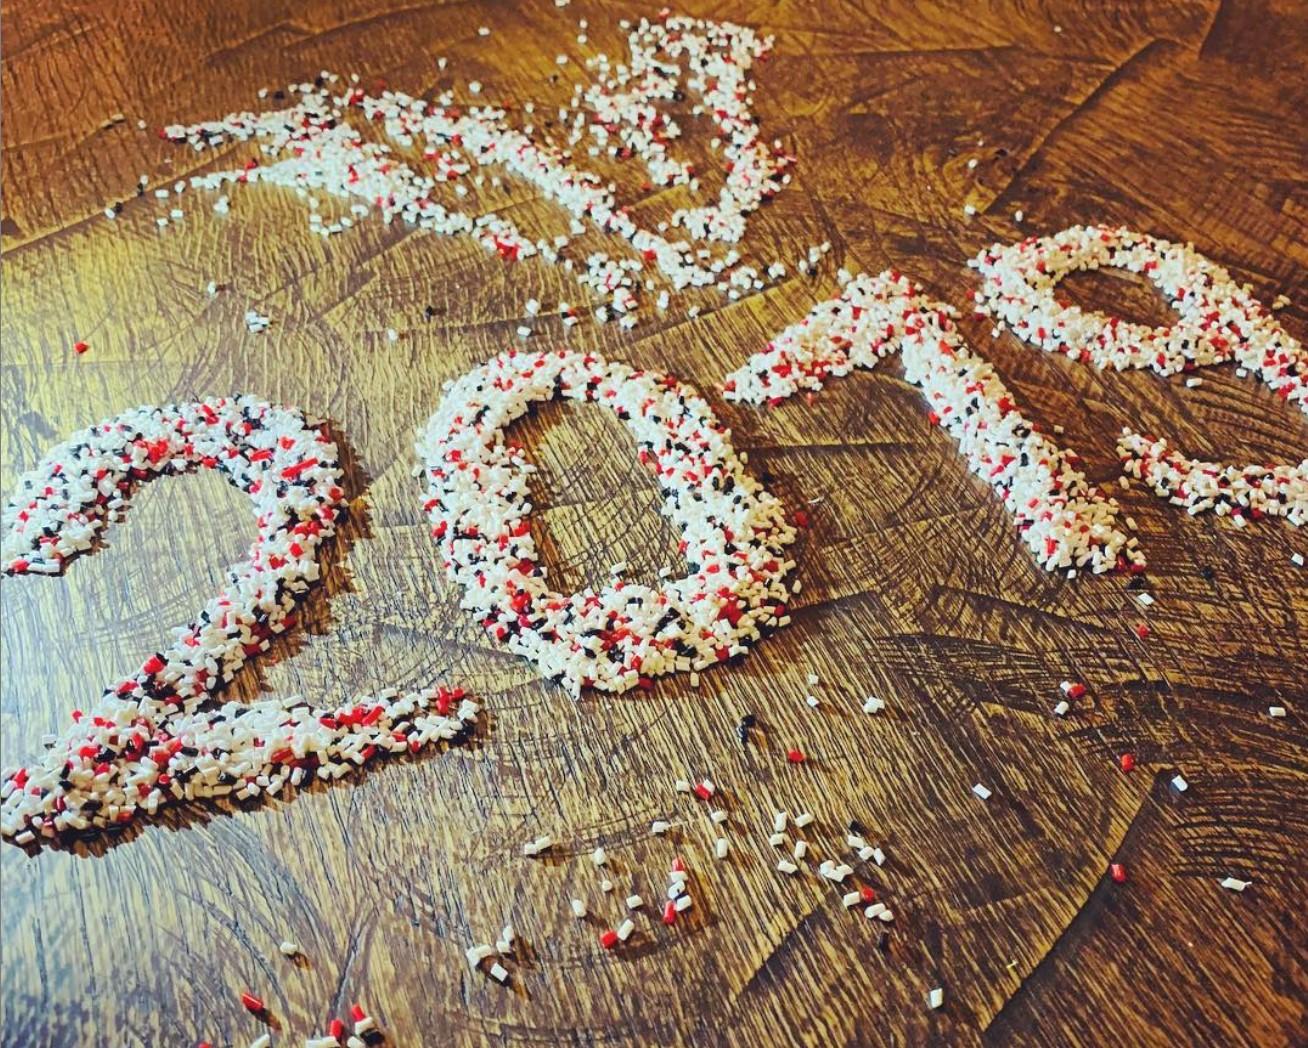 Wir wünschen Euch einen guten Rutsch ins neue Jahr!